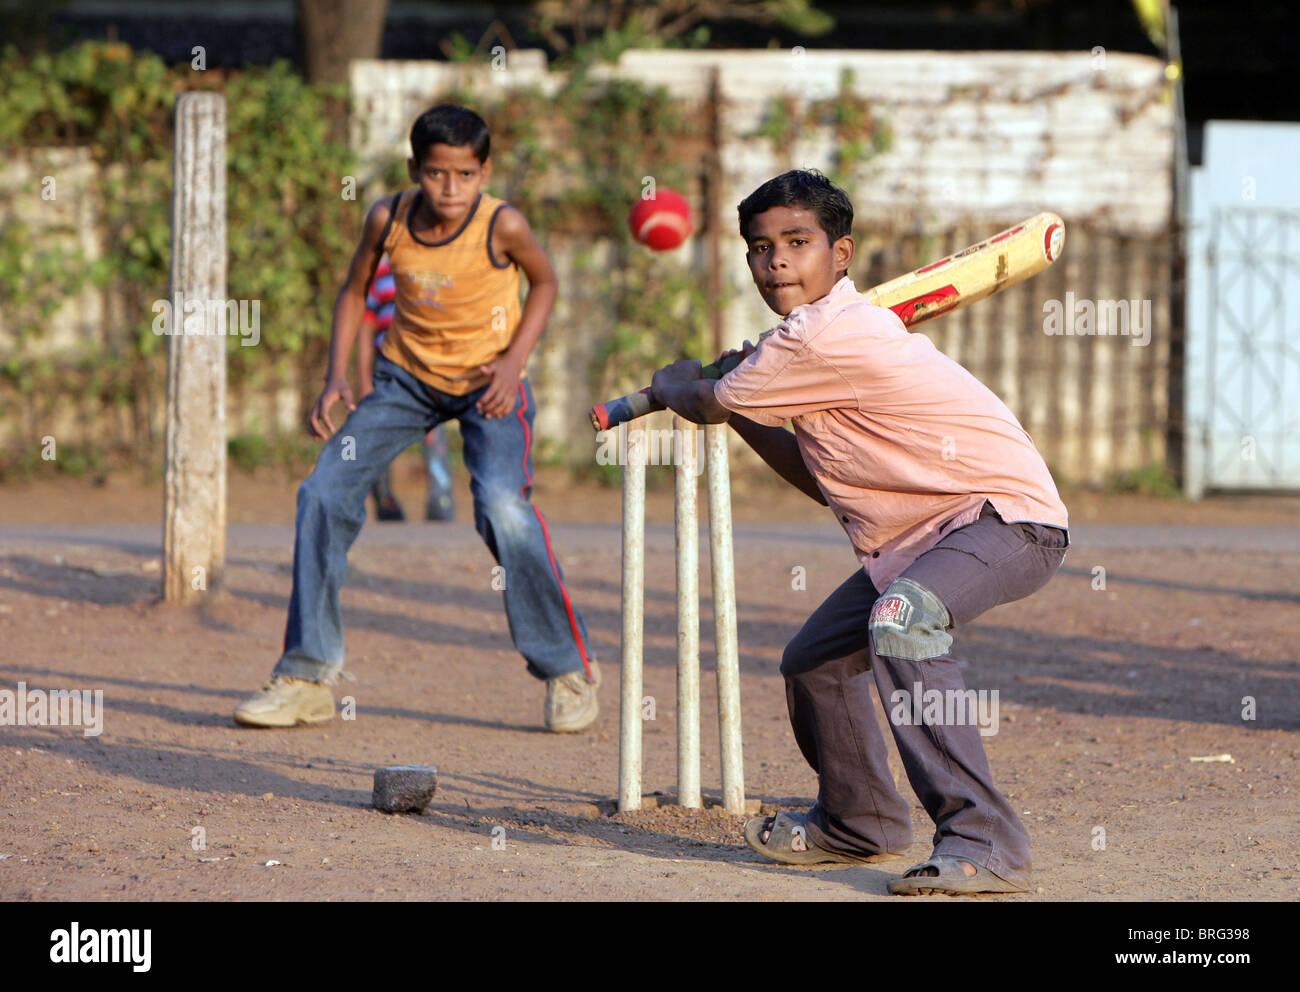 Ragazzi giocare a cricket in Katni, Madhya Pradesh, India Immagini Stock